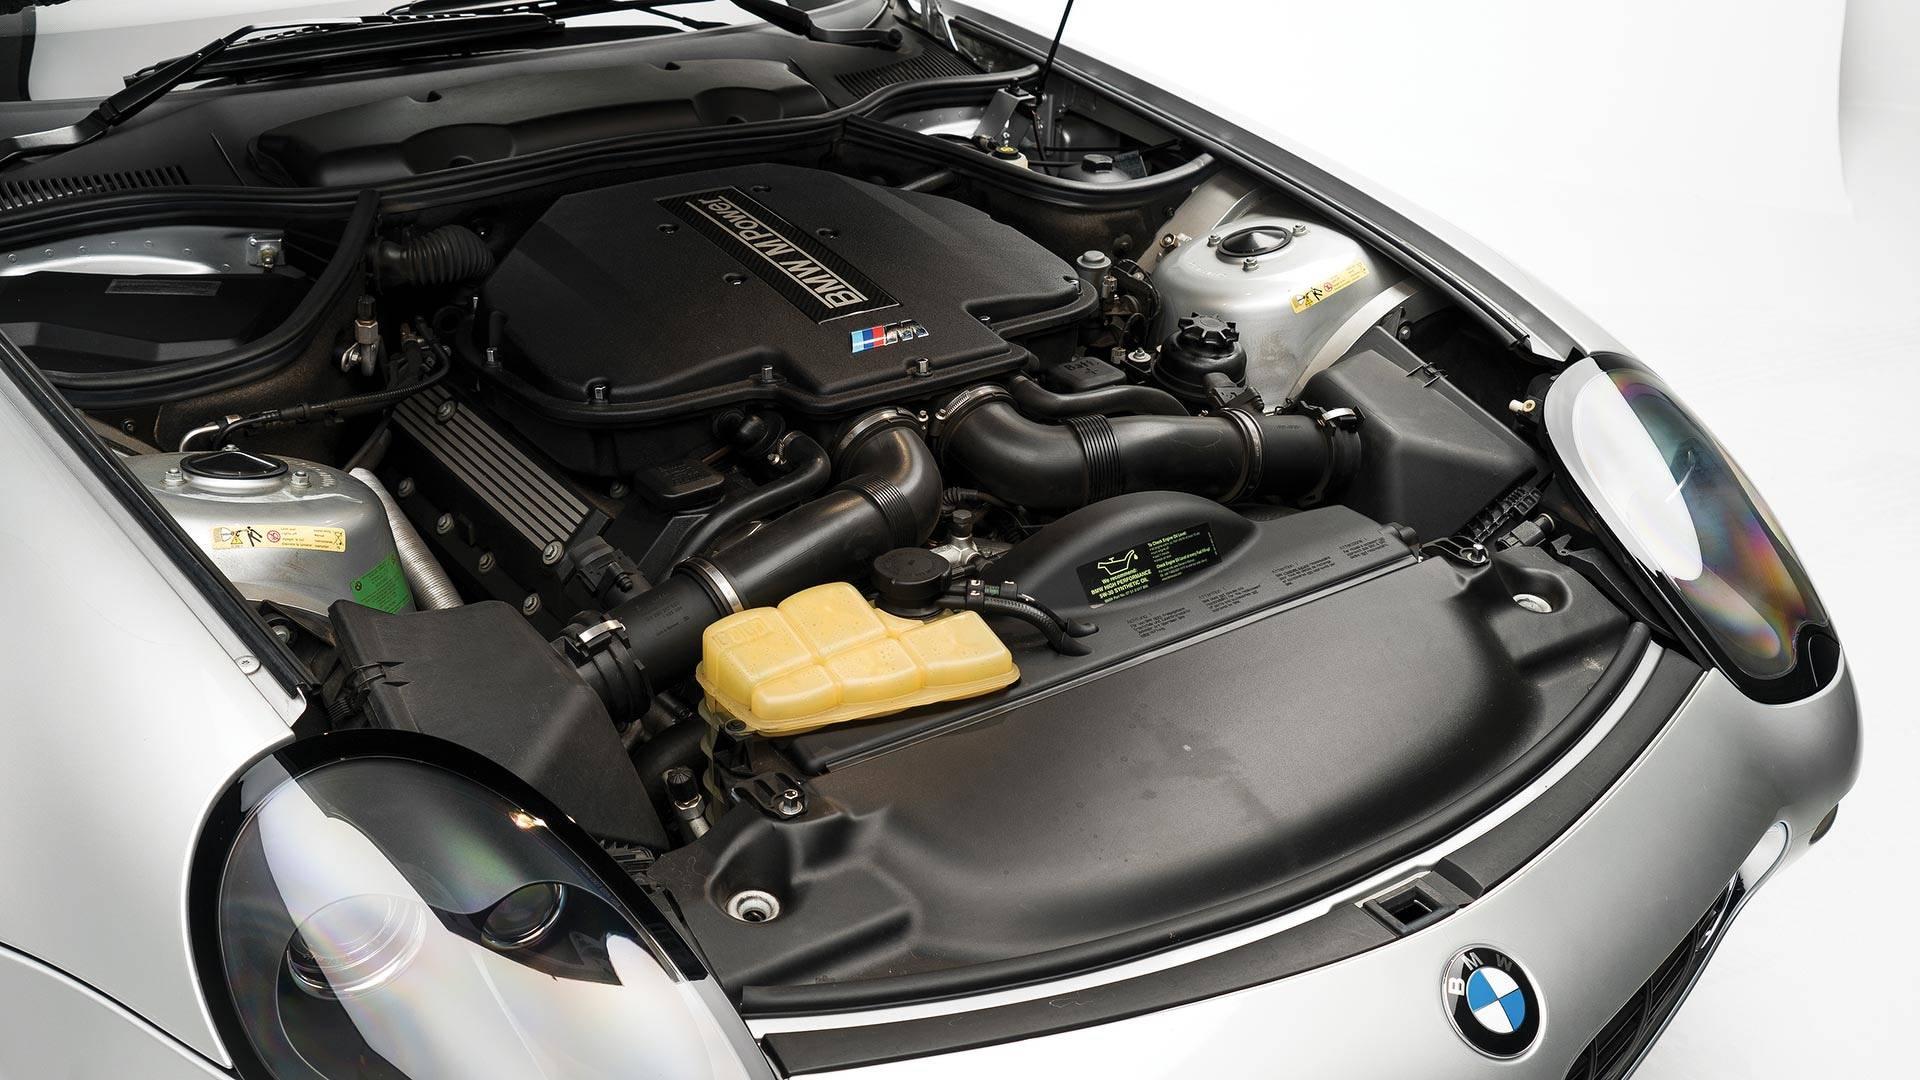 Xe++ - BMW Z8 của Steve Jobs sắp bán đấu giá khởi điểm từ 6,83 tỷ đồng (Hình 11).